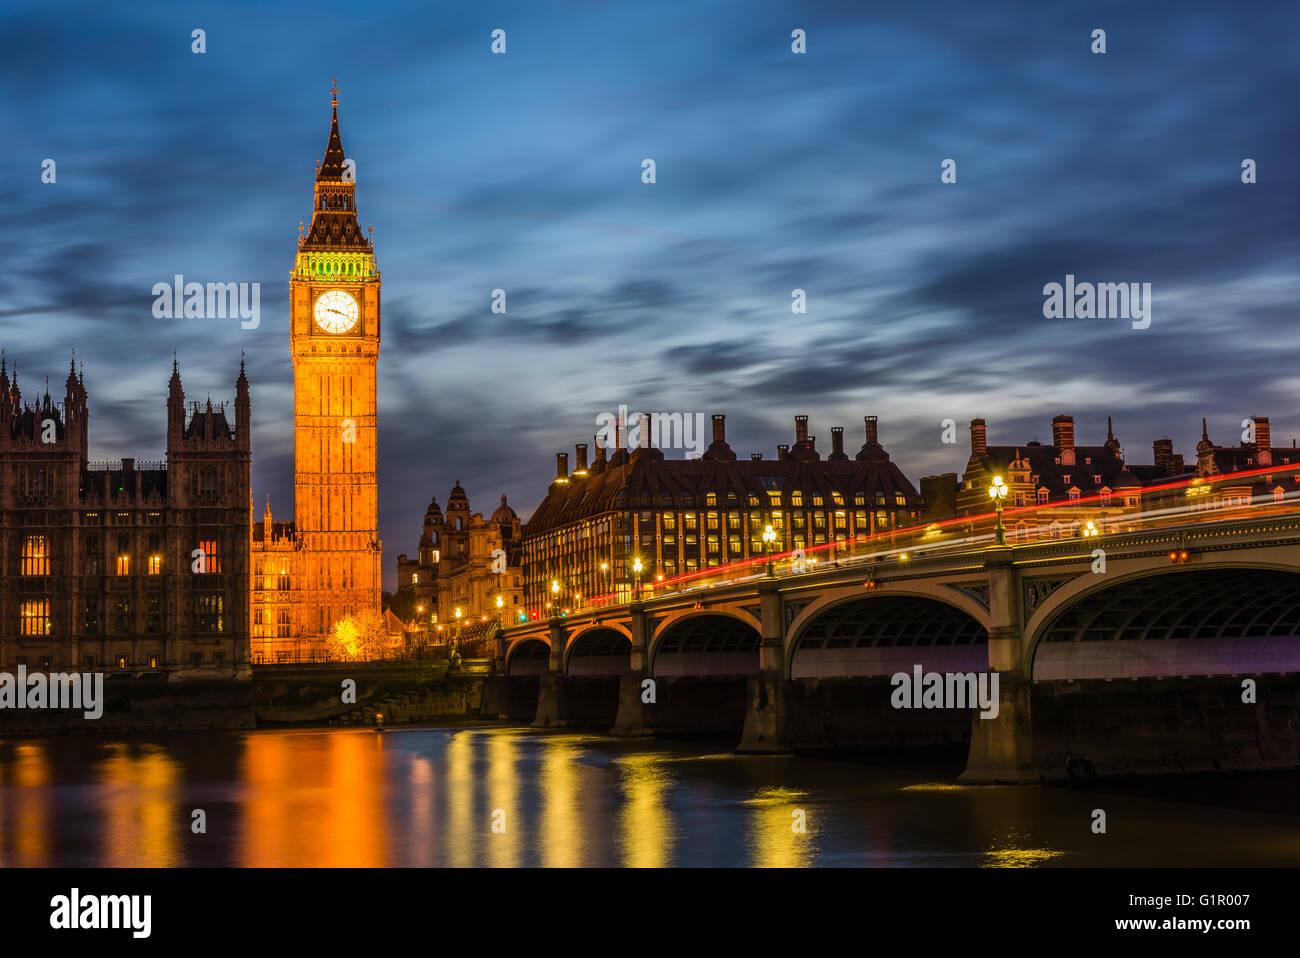 Atemberaubende Lichter rund um Big Ben und Westminster Bridge in der Dämmerung, London, UK. Stockbild